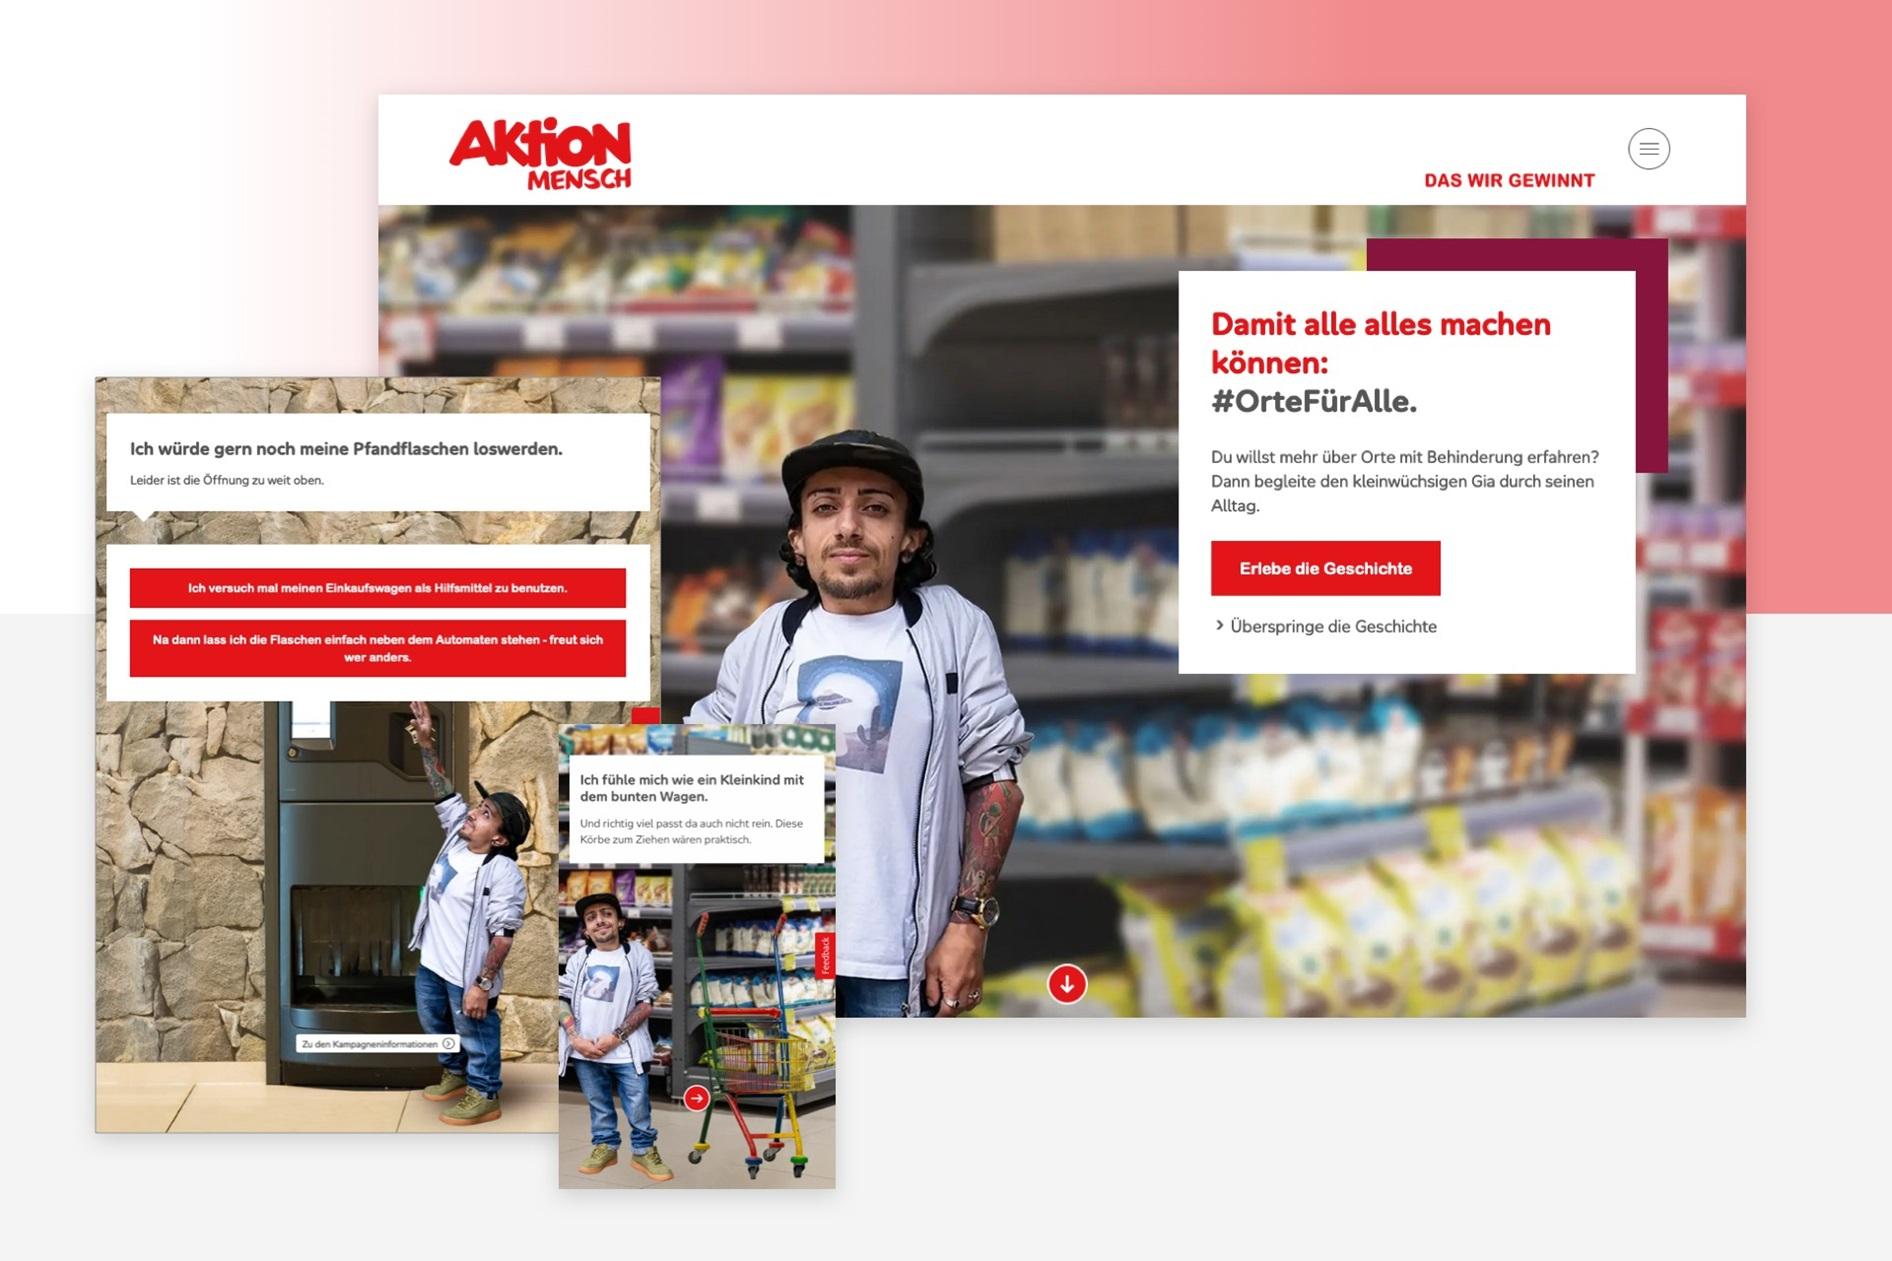 Aktion Mensch Kampagnenwebsite Orte mit Behinderung